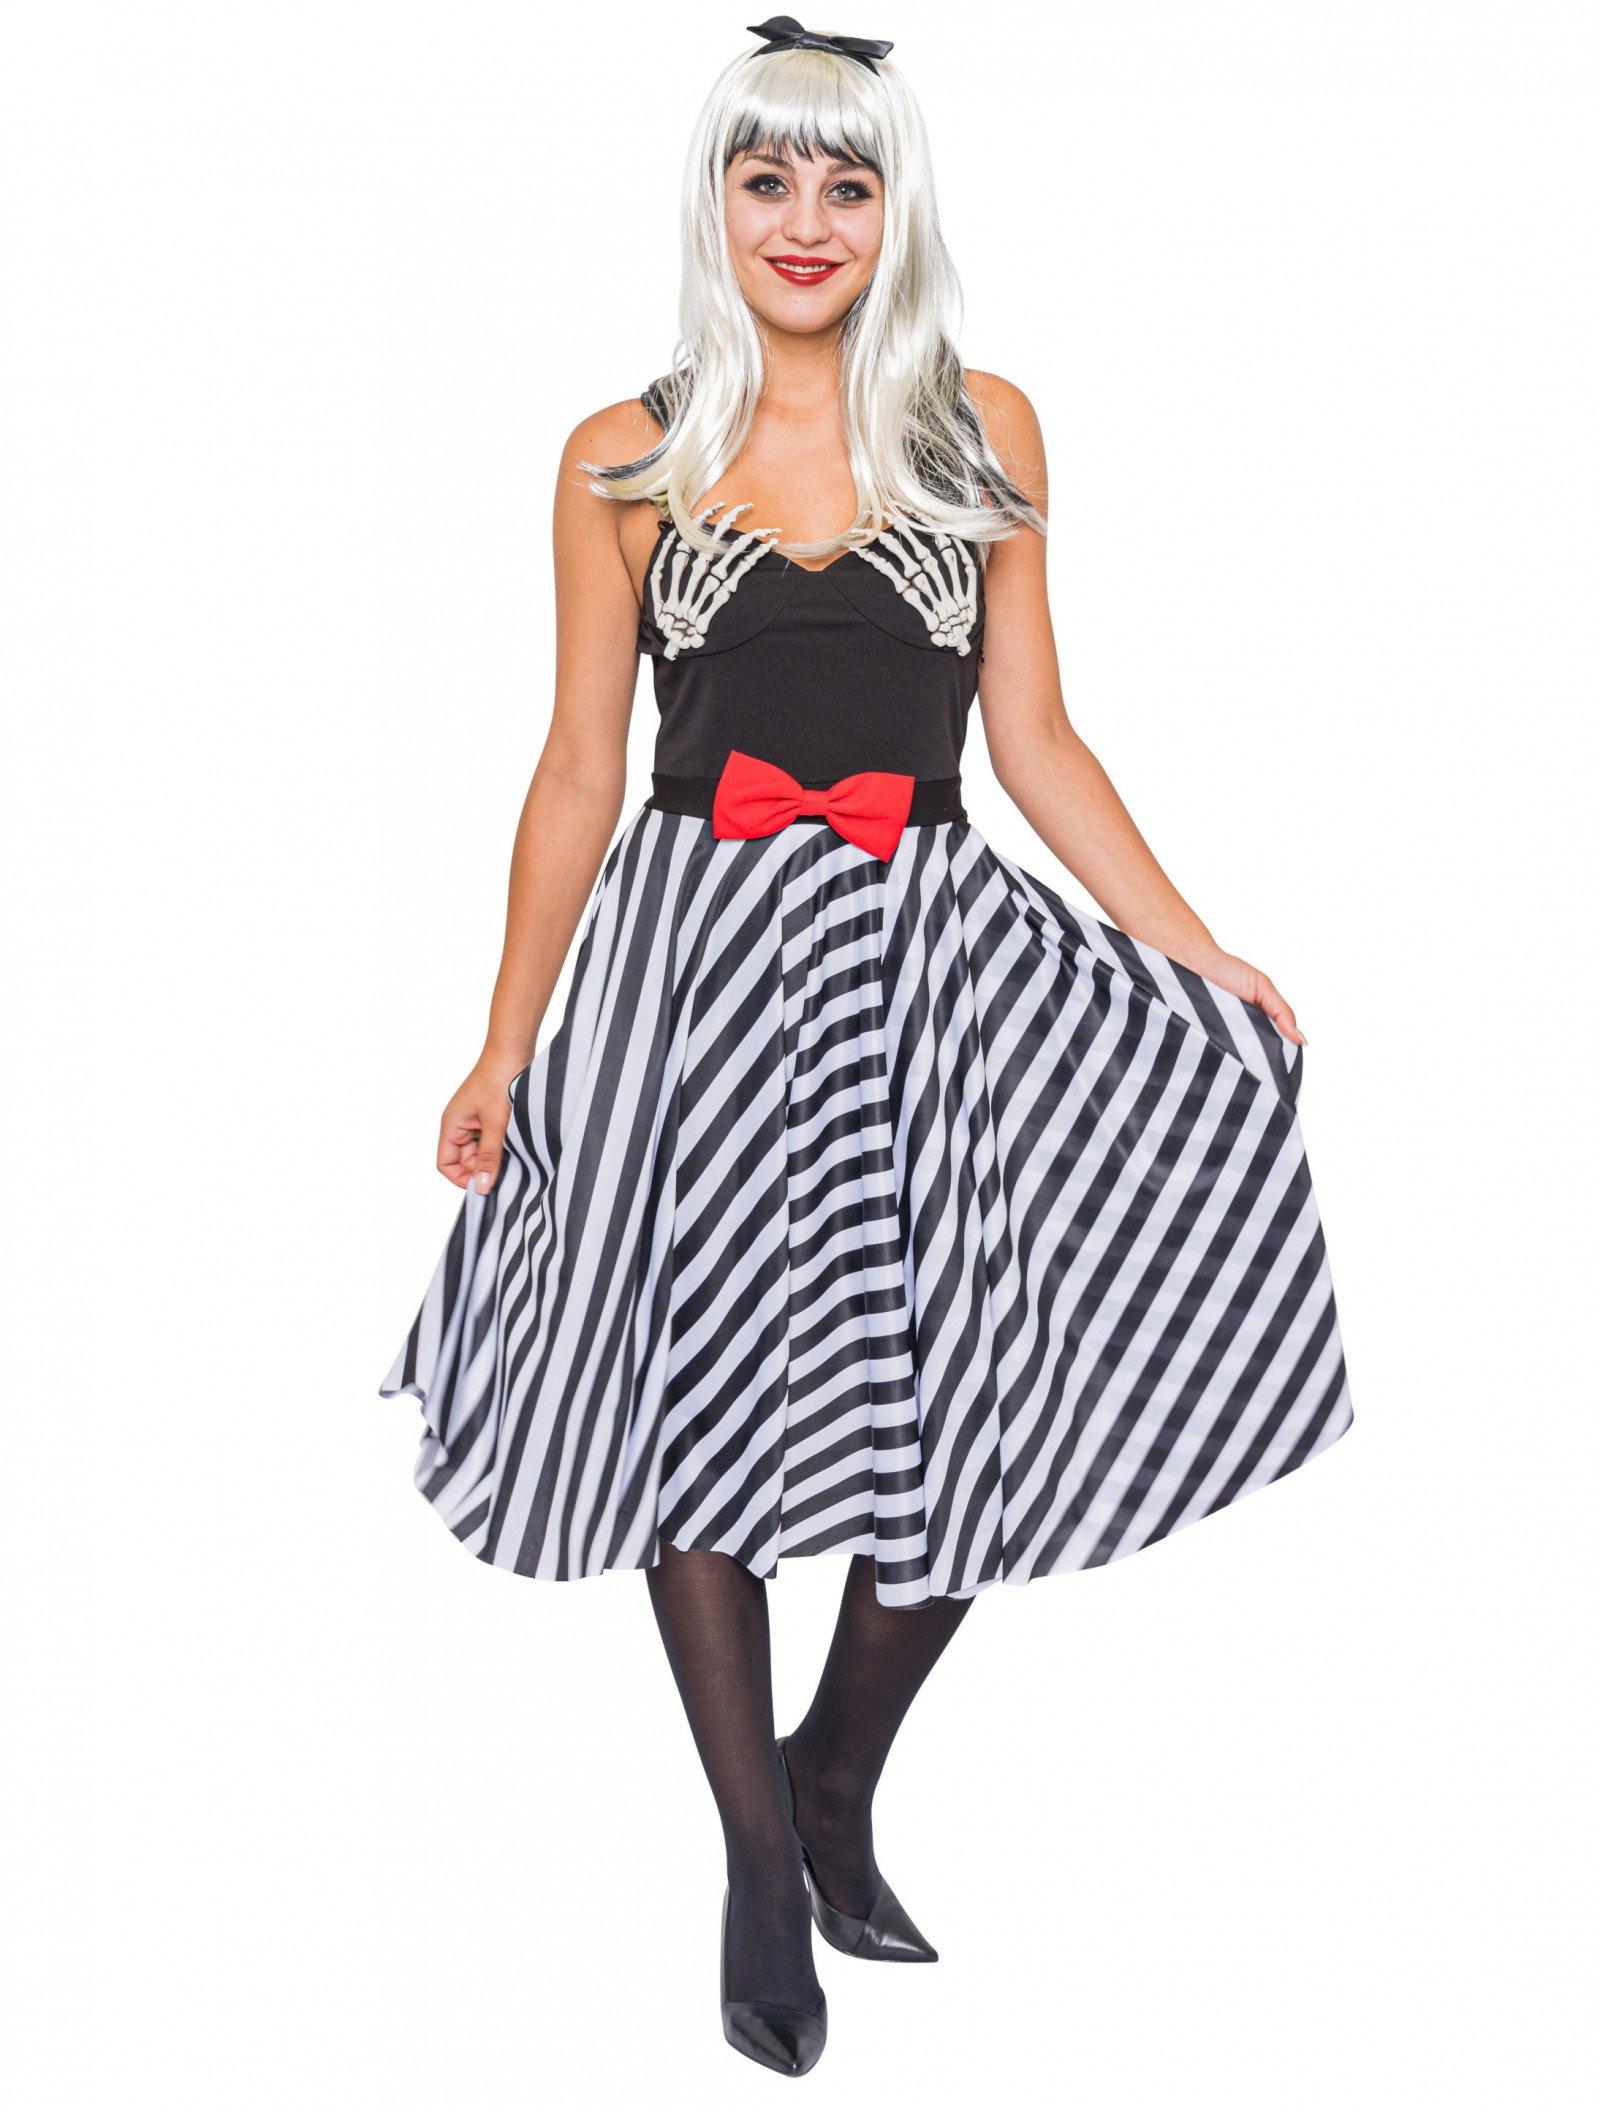 13 Erstaunlich Kleid Schwarz Weiß Vertrieb13 Spektakulär Kleid Schwarz Weiß Ärmel